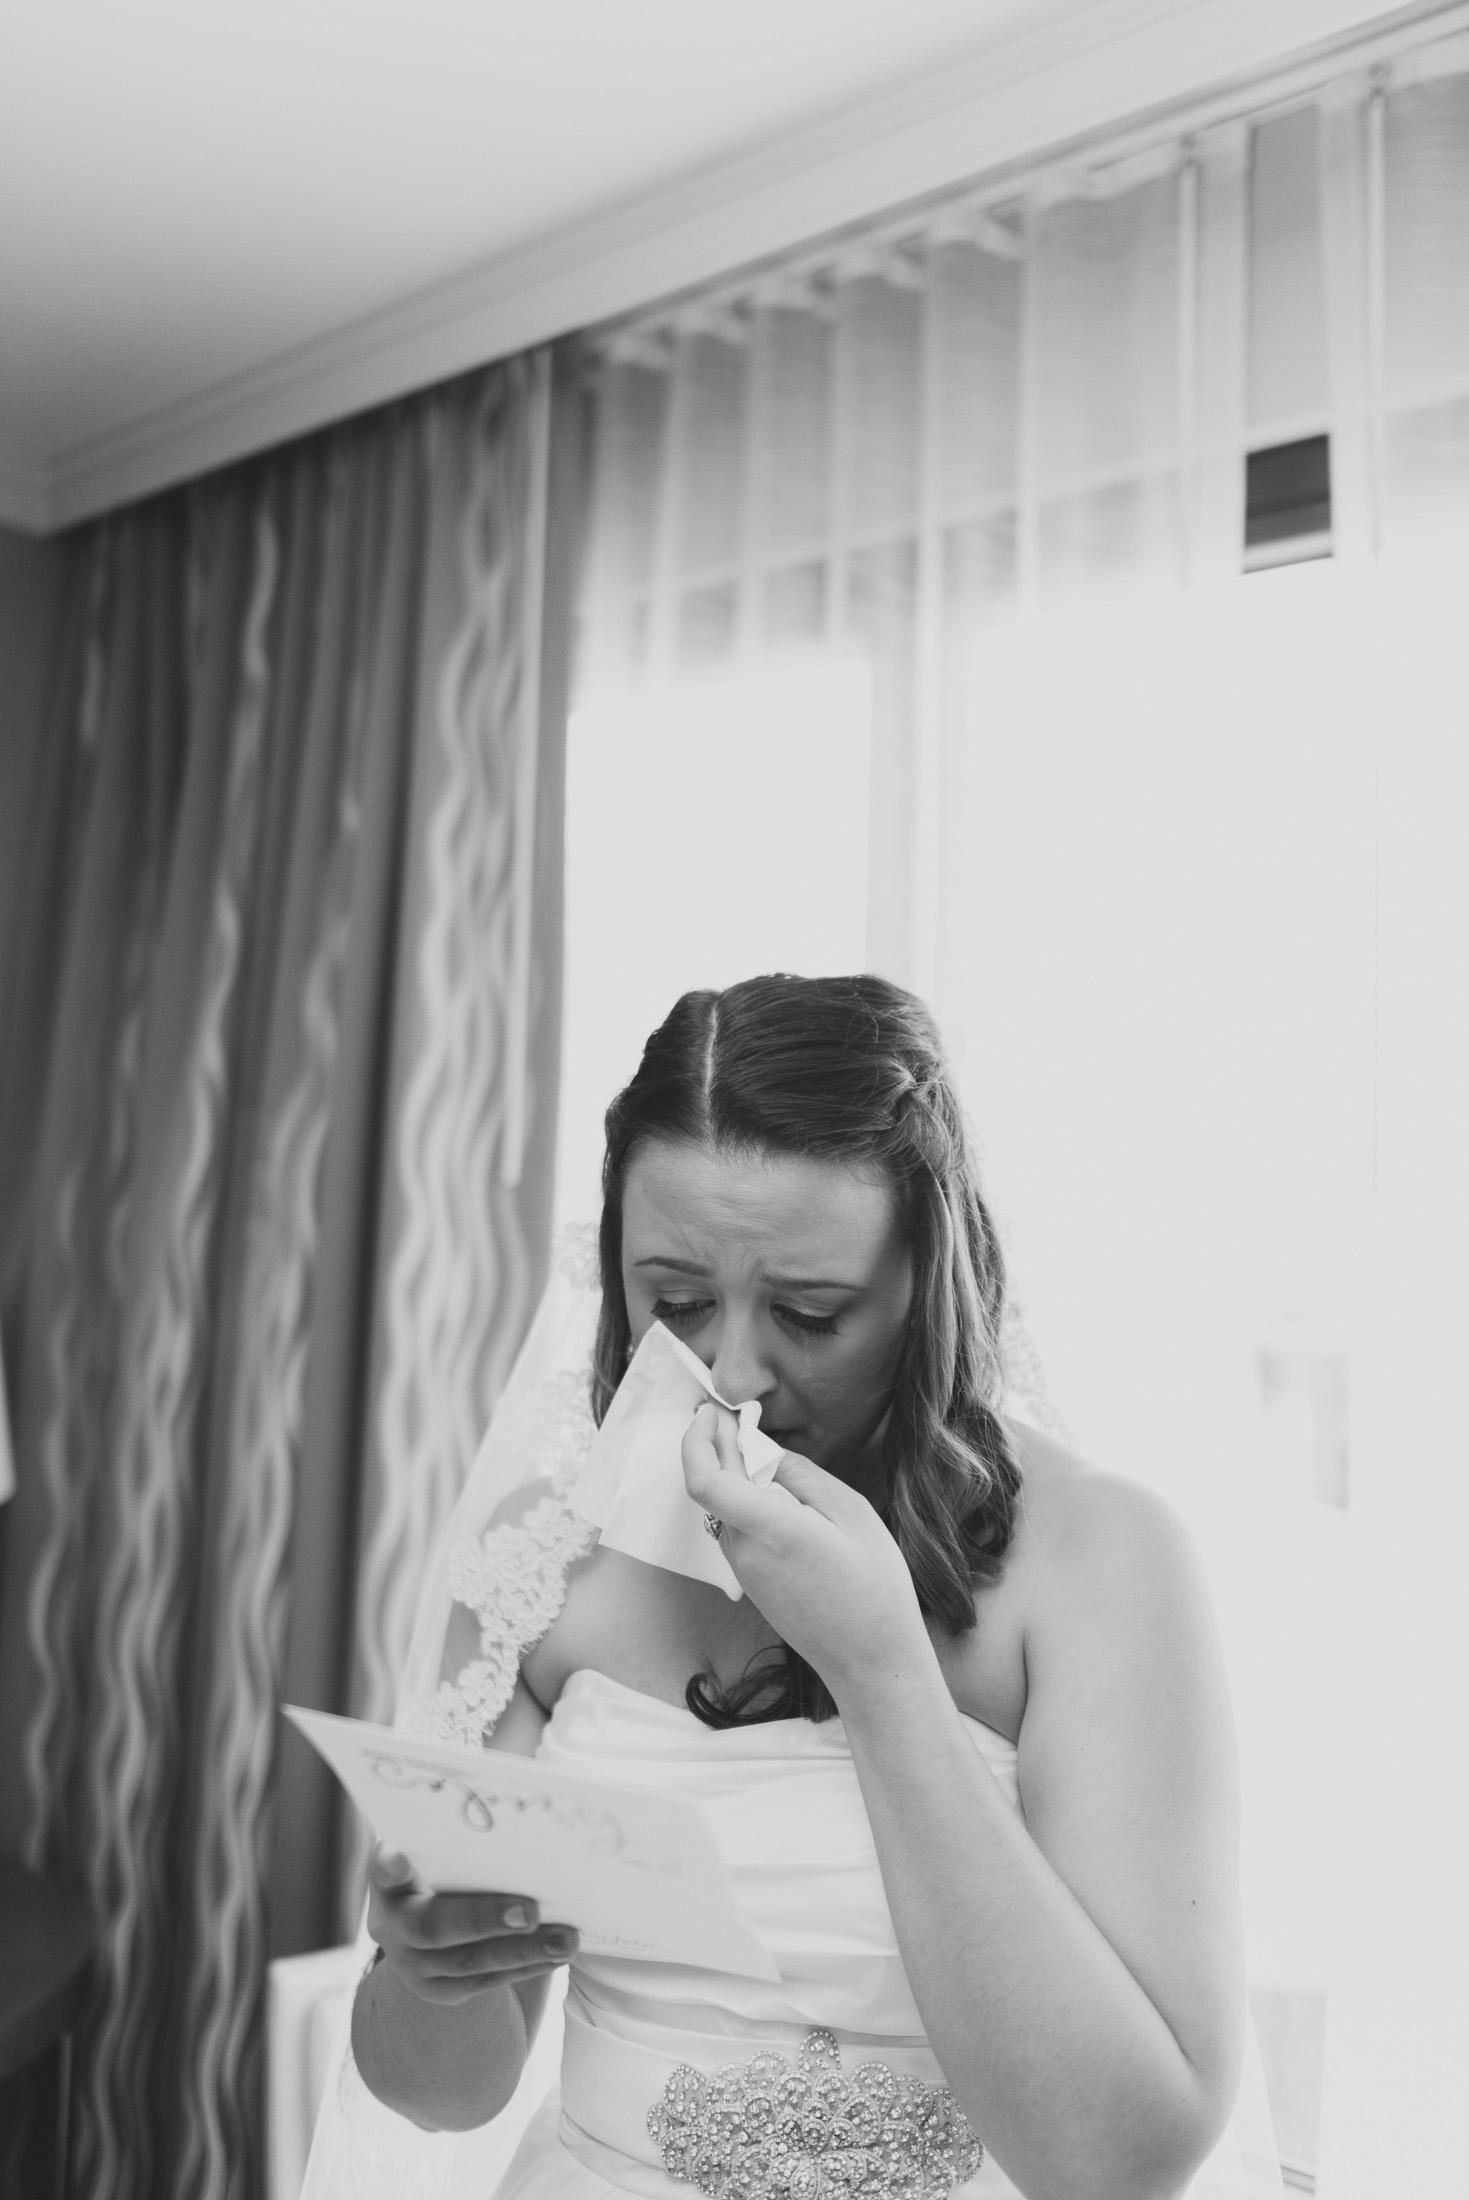 27elopement-photographer-colorado-Amanda&Sam-Denver_wedding-0318_bw.jpg